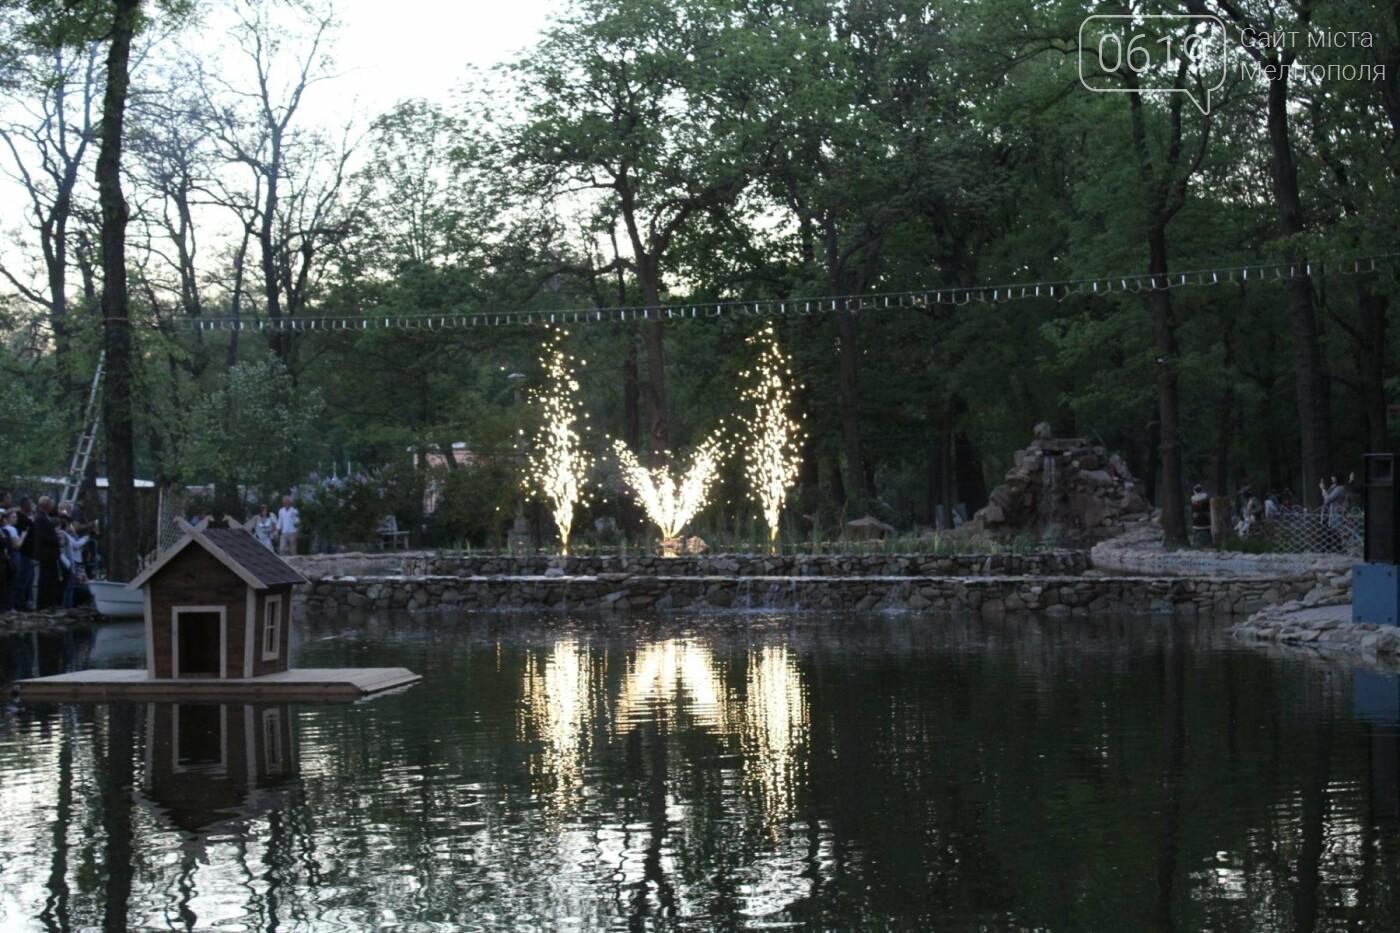 На торжественное открытие пруда в мелитопольском парке собрались сотни горожан, фото-4